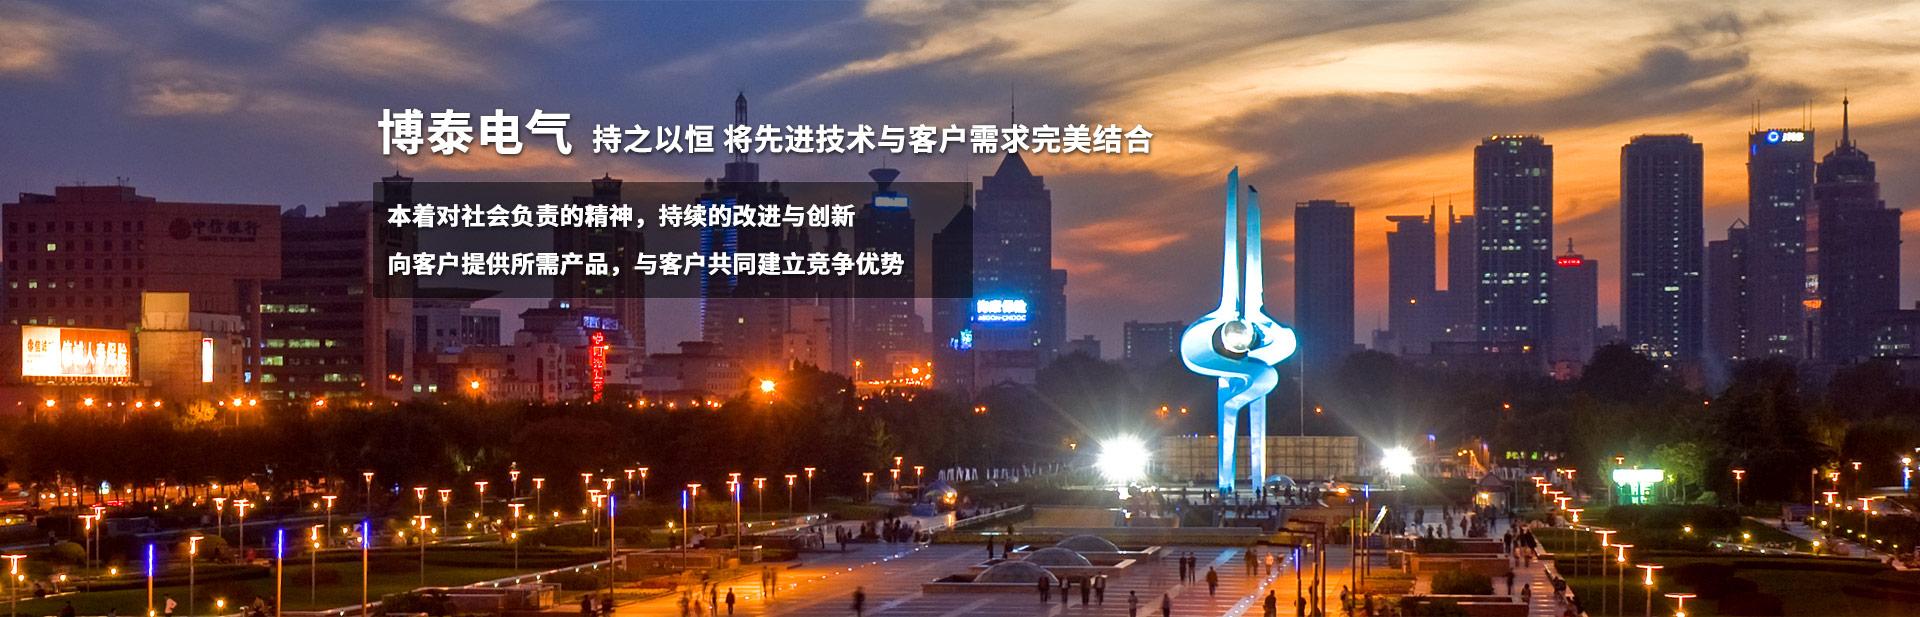 华体会官网网站|中文官网